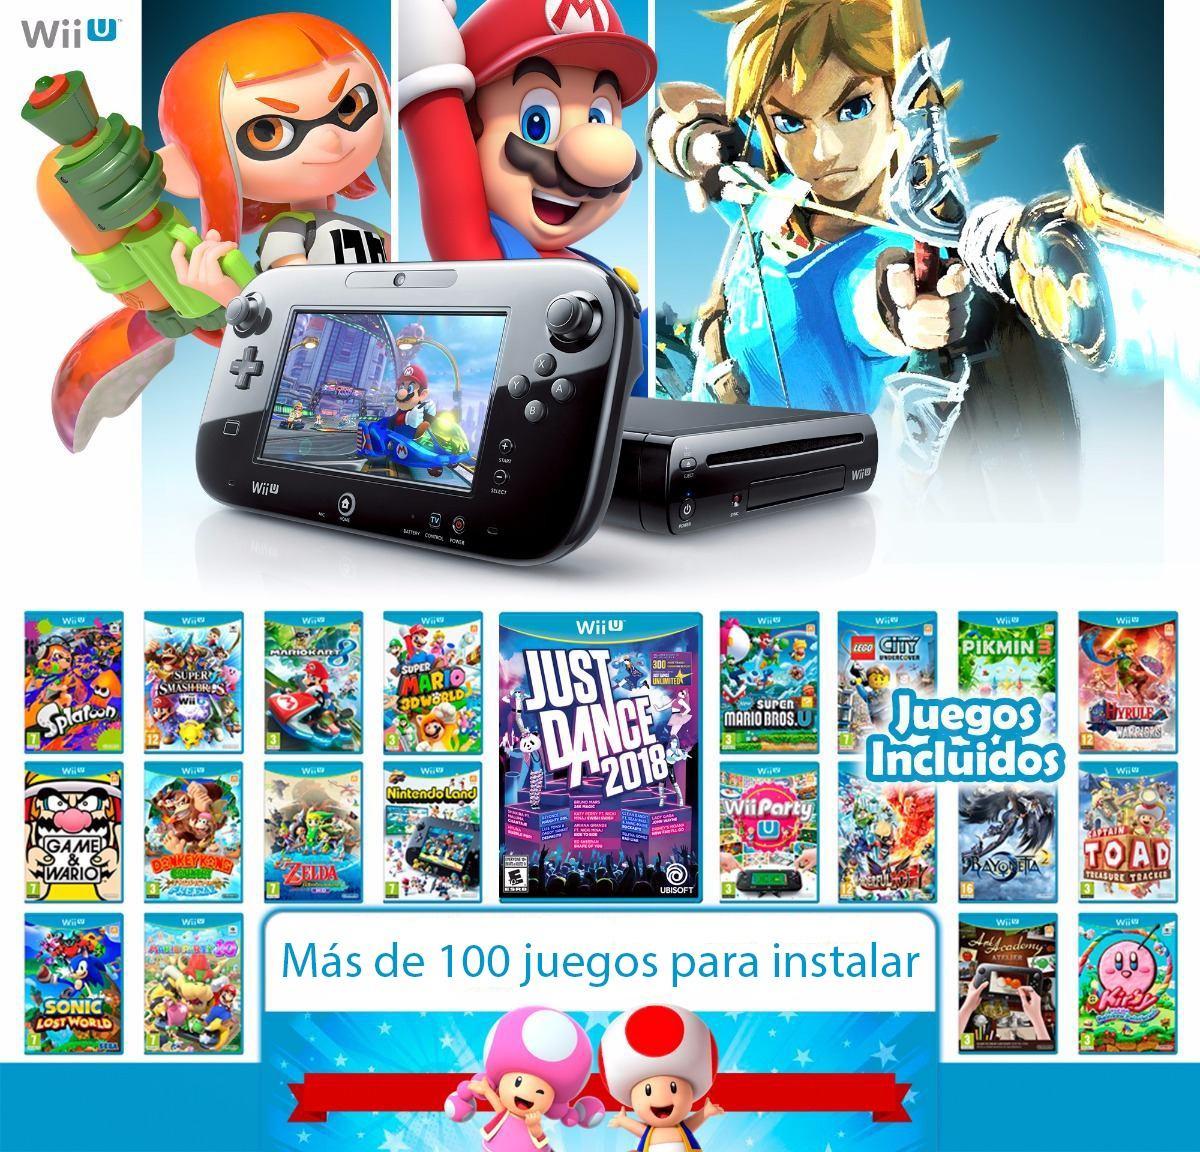 Pack De Juegos Para Wii U Version 5 5 2 Bs 71 89 En Mercado Libre